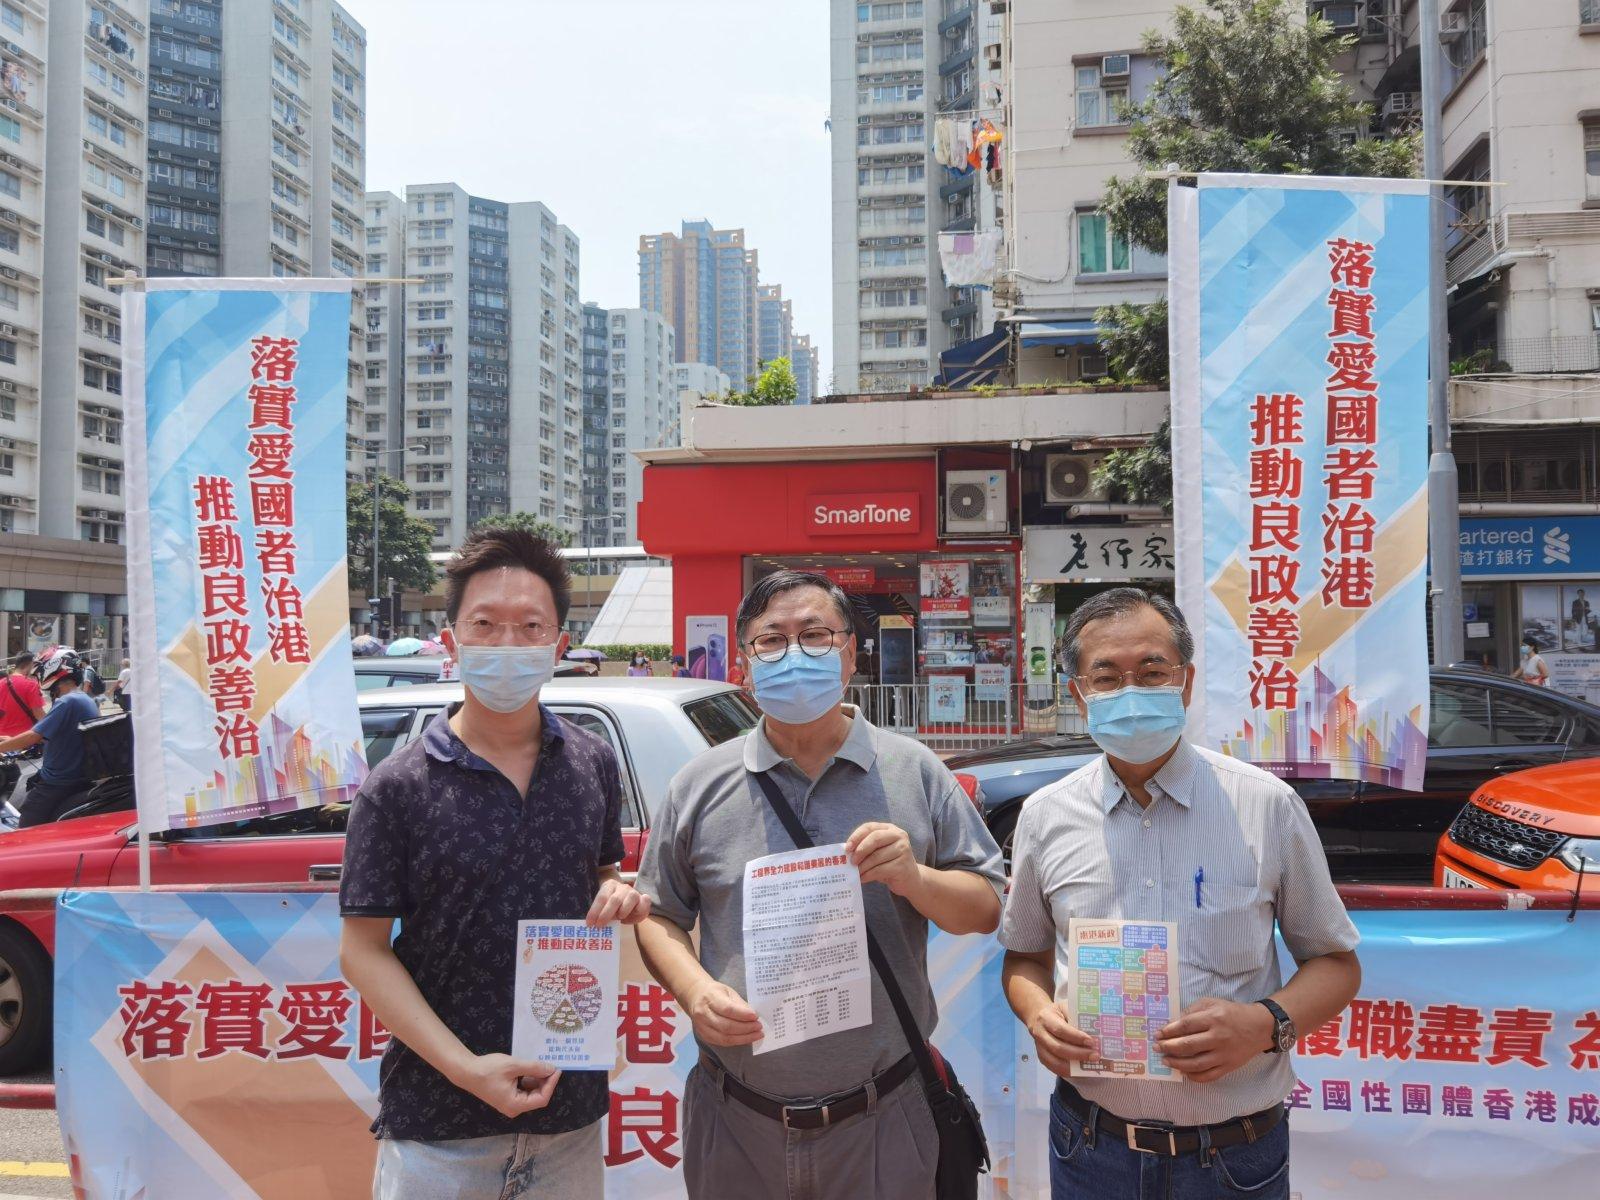 工程界姚勛雄(左)嚴建平(中)、陳慶龍(右)在黃埔擺街站。